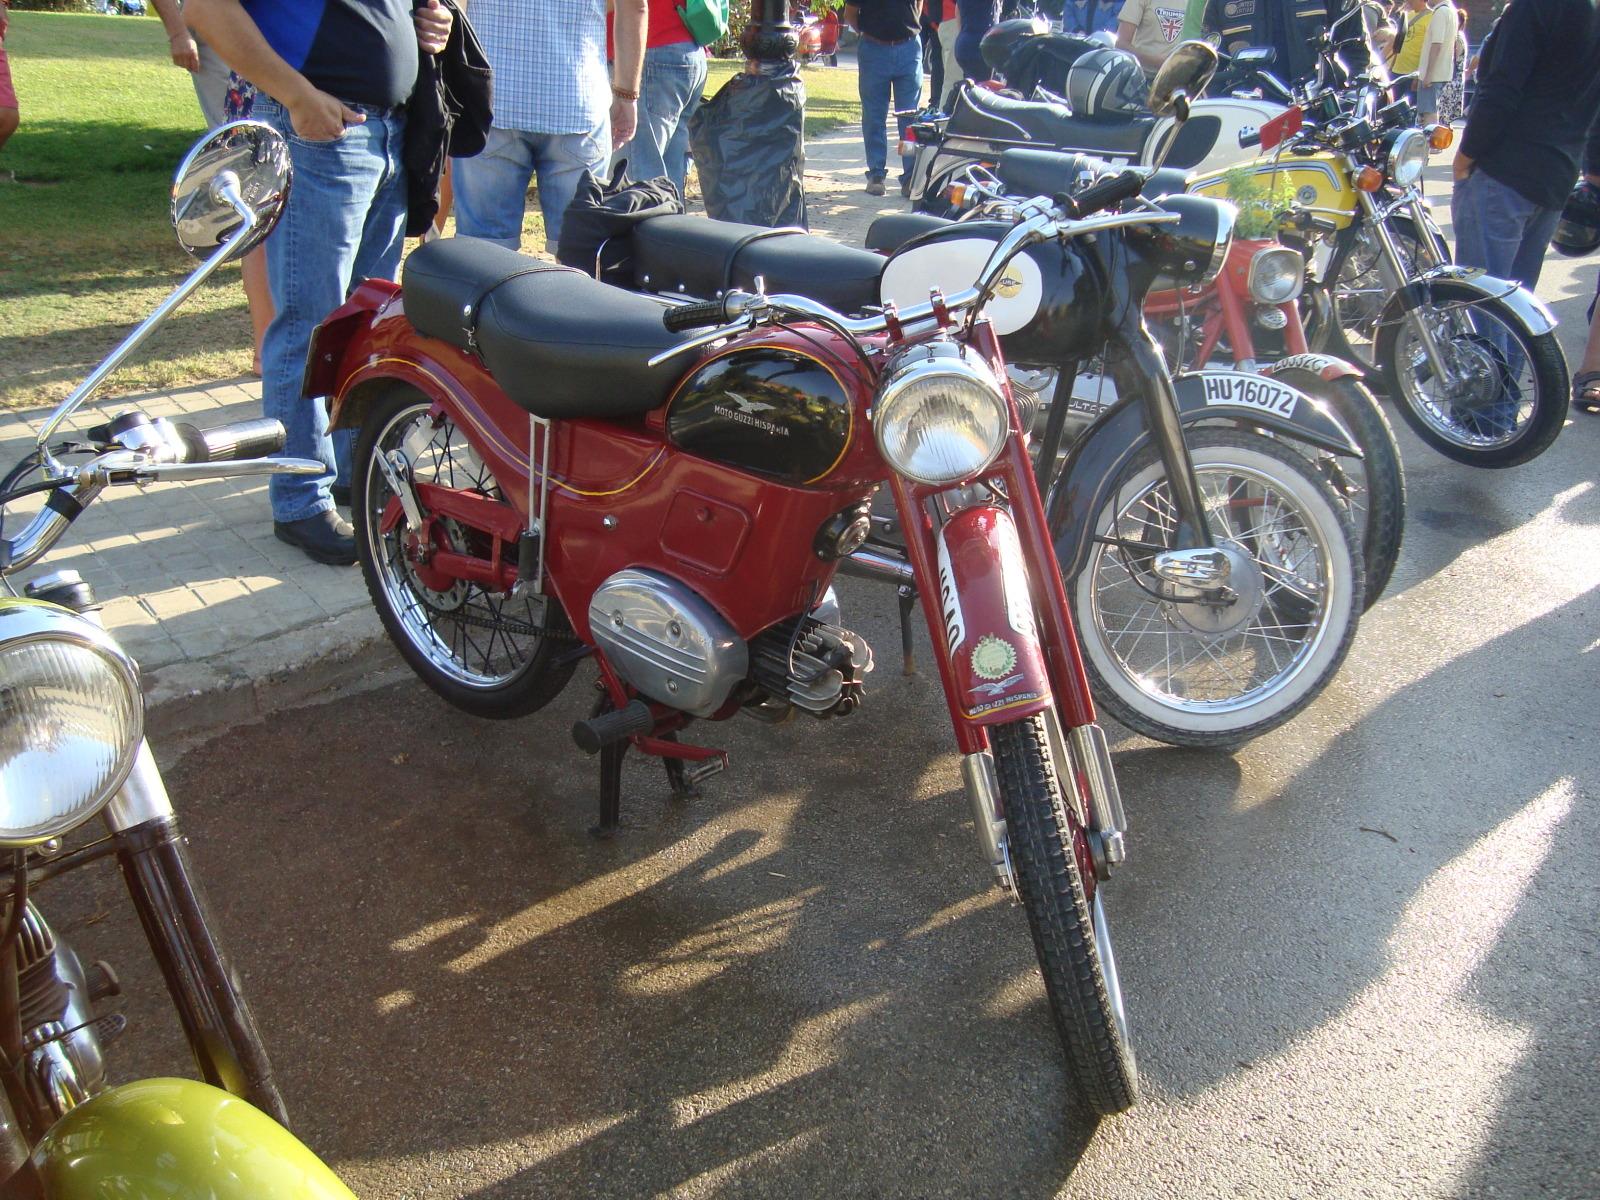 XI concentracion de motos antiguas en Alberuela de tubo (Huesca) Mr76n6